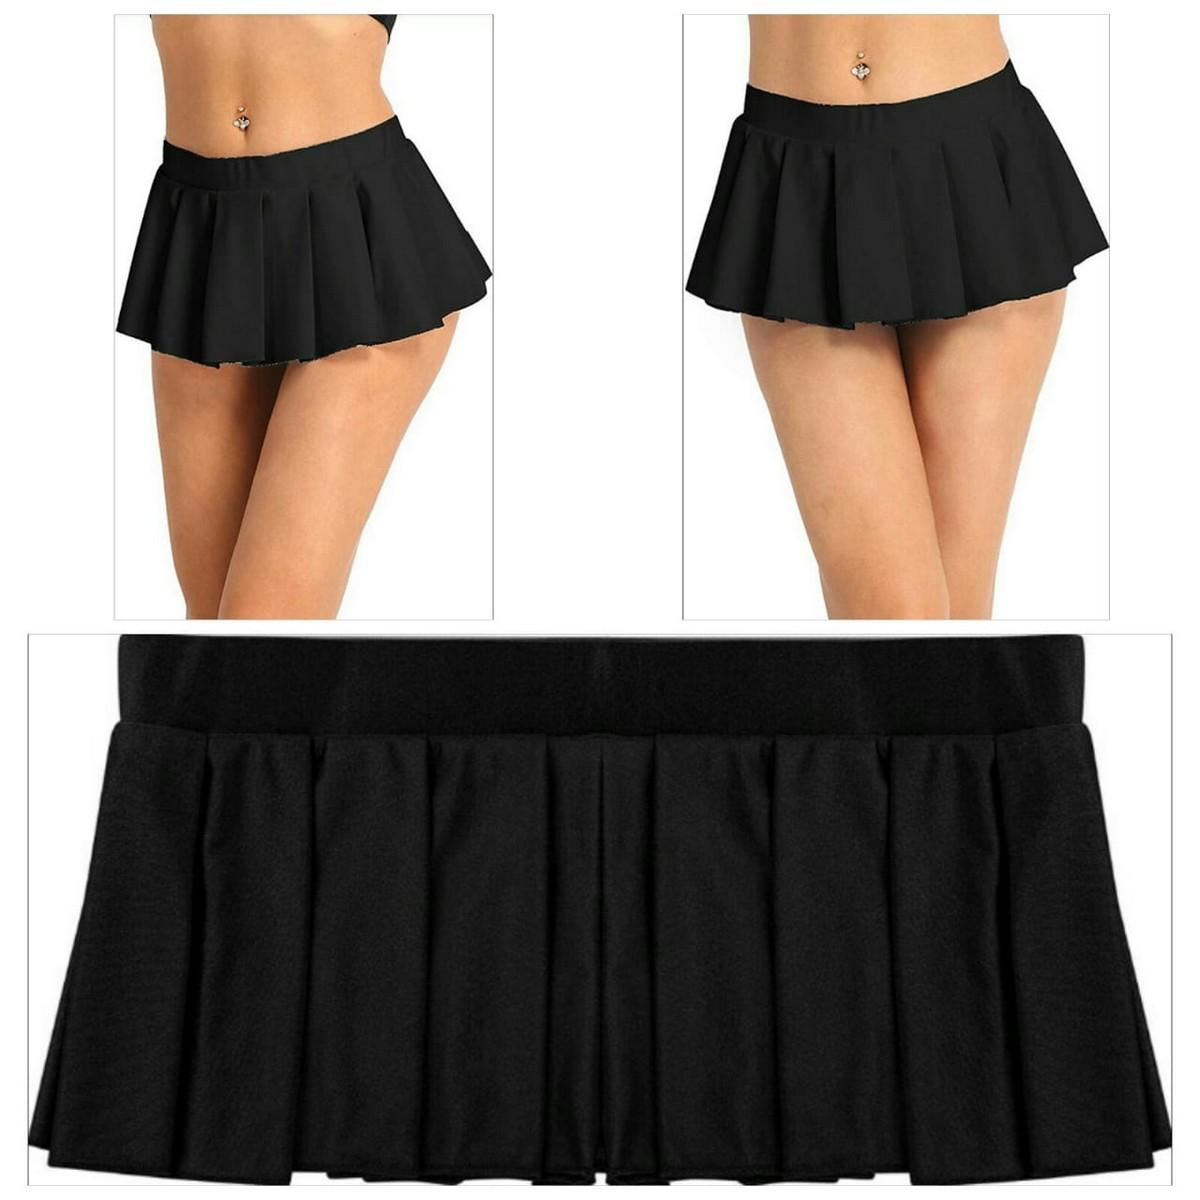 Skirts Store Knife Pleated Mini Skirt For Women - Night Dress - Skirt For Women - Black Skirt